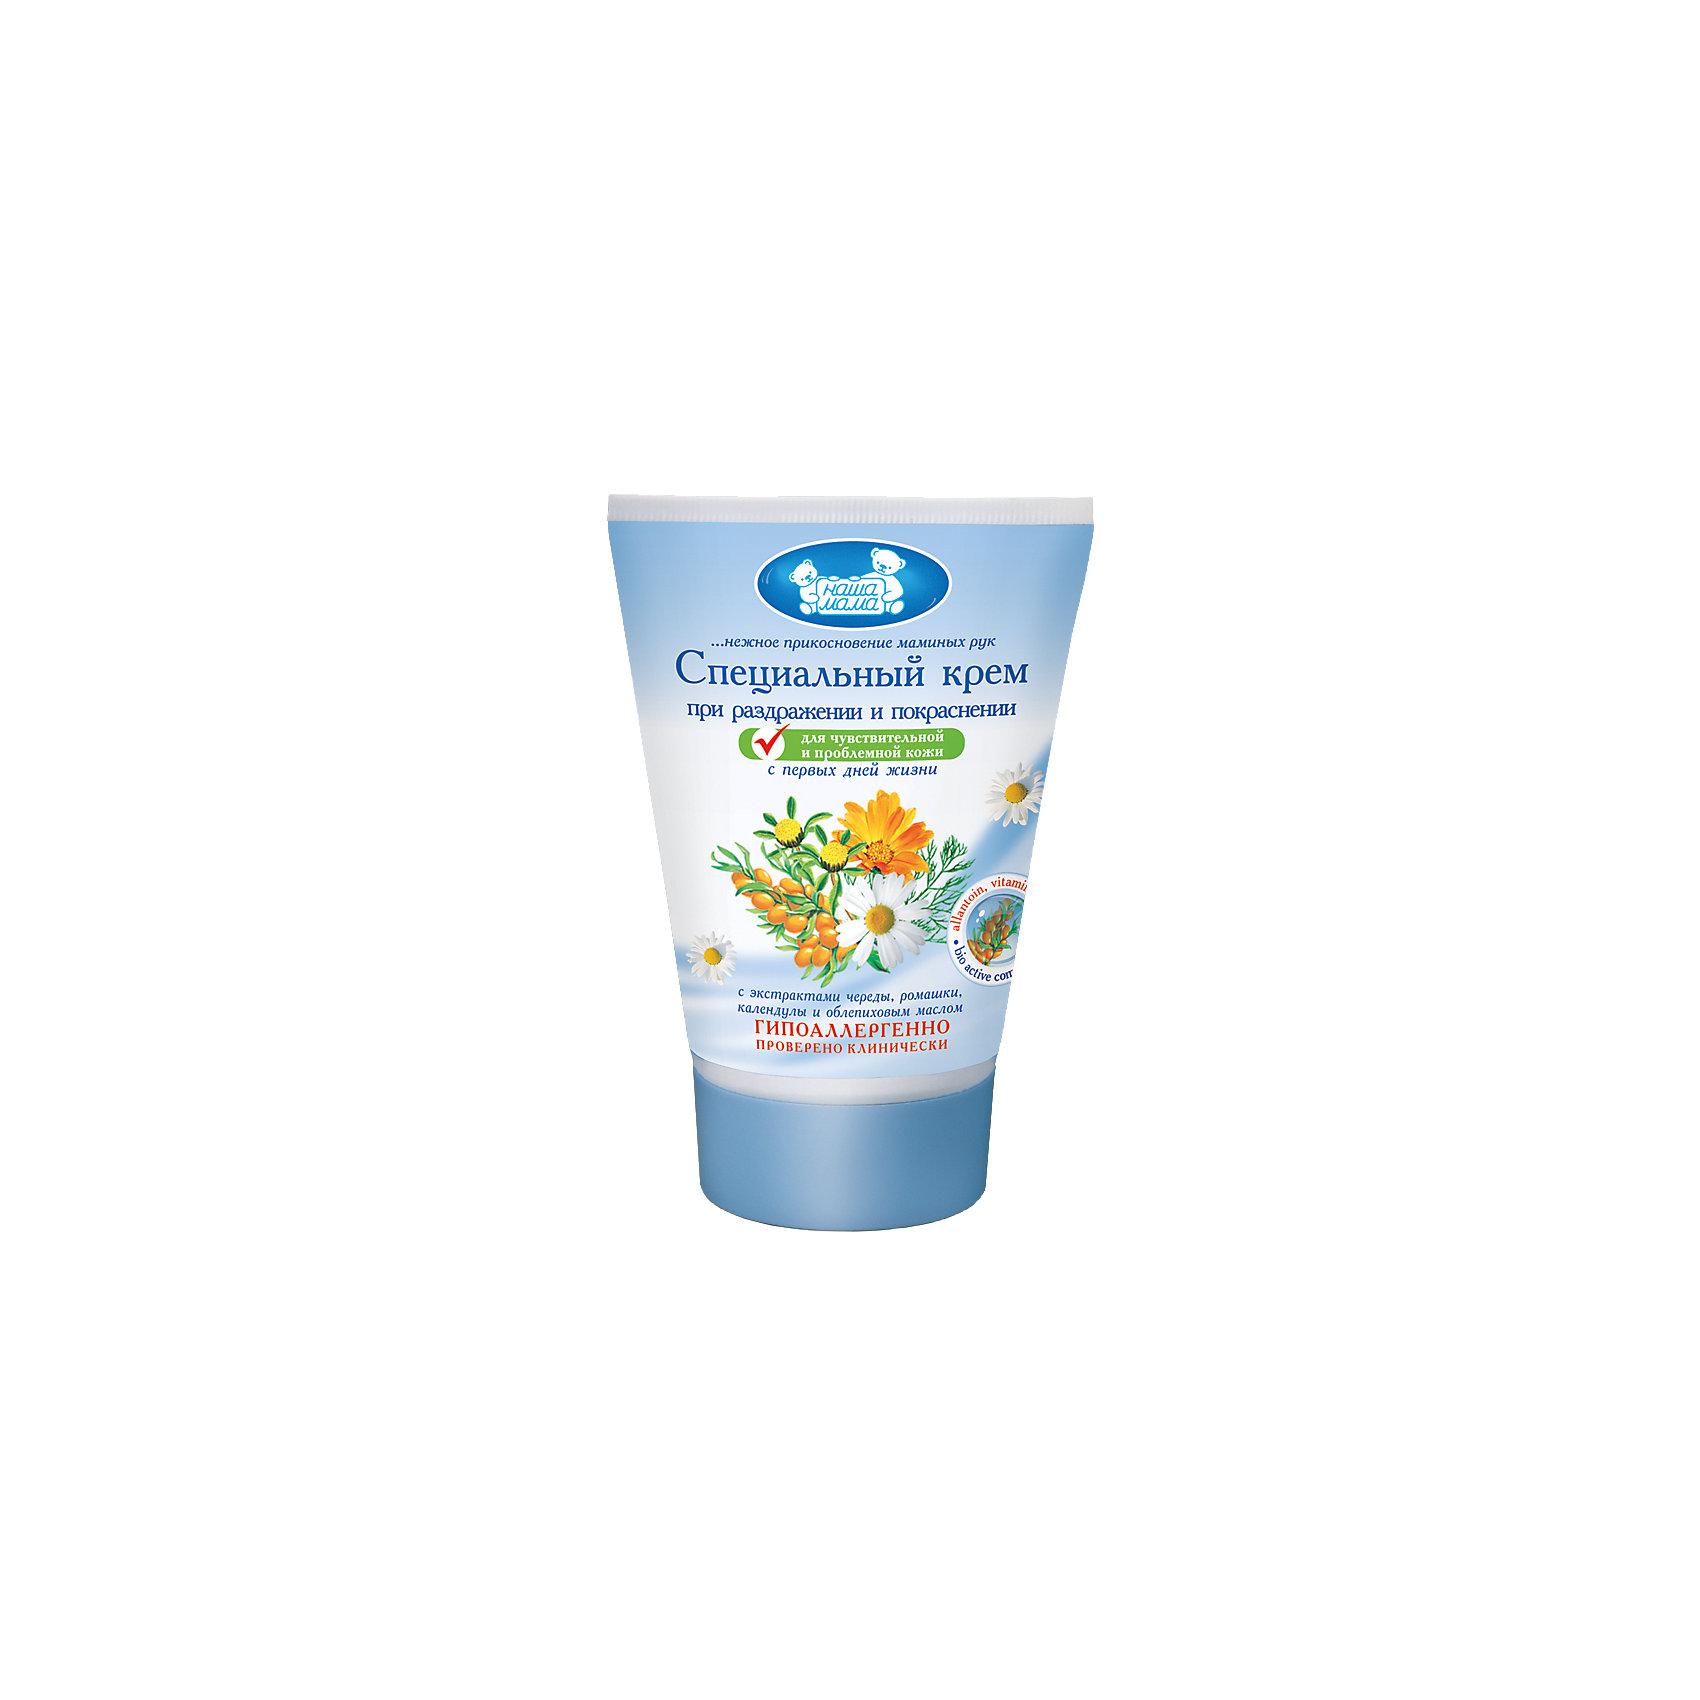 Крем для чувствительной кожи 100 мл, Наша МамаКосметика для младенцев<br>Крем успокаивает, смягчает чувствительную кожу малыша. Биологически активные вещества уменьшают покраснение и сухость кожи, оказывают противовоспалительное и успокаивающее действие на раздраженные участки кожи ребенка.<br><br>Ширина мм: 50<br>Глубина мм: 80<br>Высота мм: 120<br>Вес г: 110<br>Возраст от месяцев: 0<br>Возраст до месяцев: 36<br>Пол: Унисекс<br>Возраст: Детский<br>SKU: 4124407